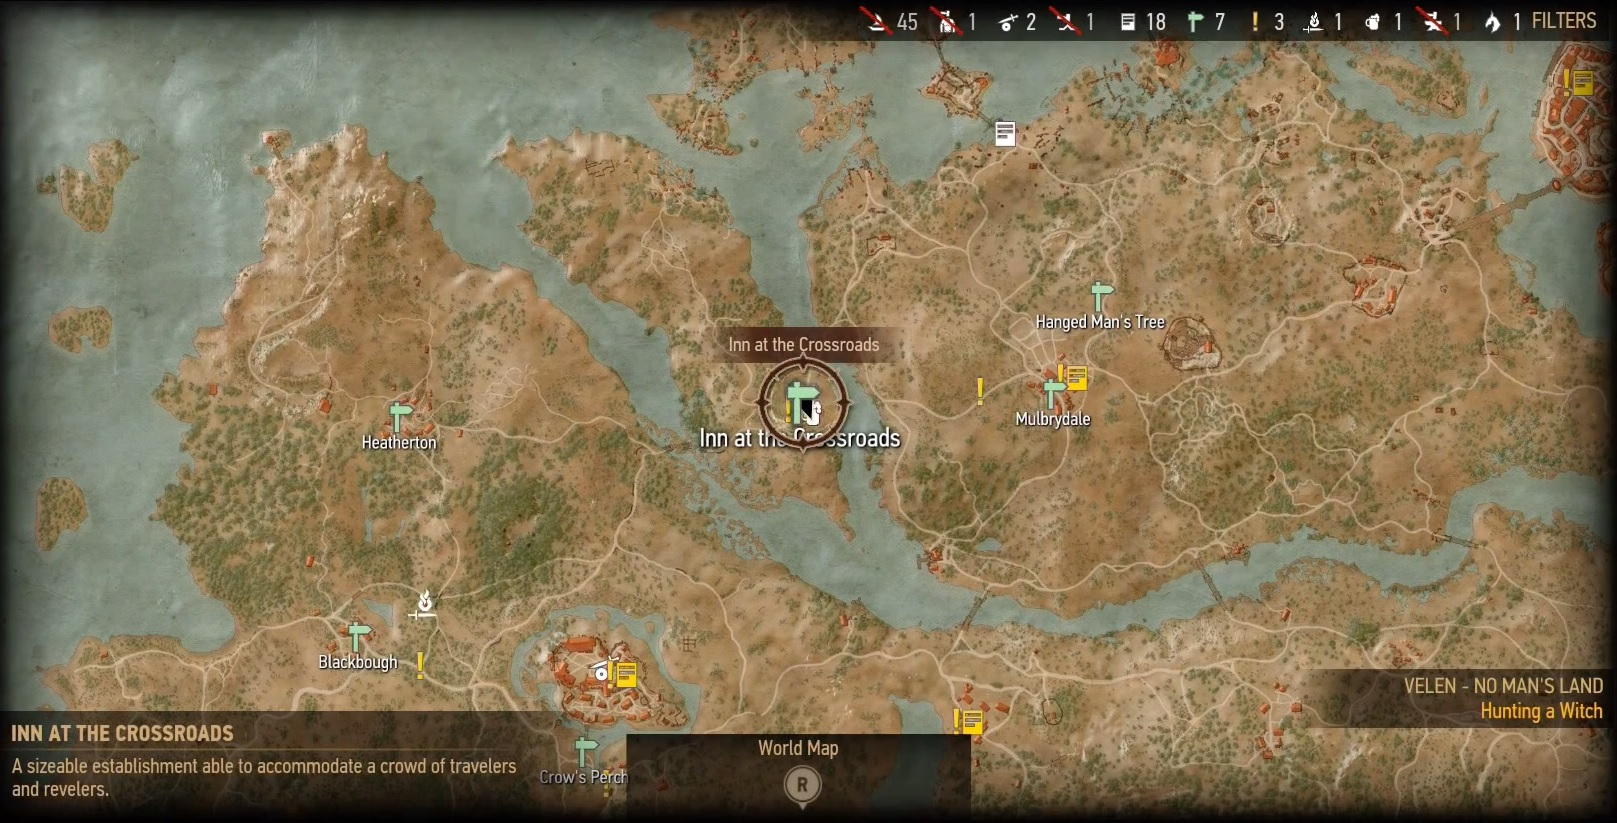 Witcher 3 Velen Karte.The Witcher 3 Alle Faustkampfe Mit Tipps Und Fundorten